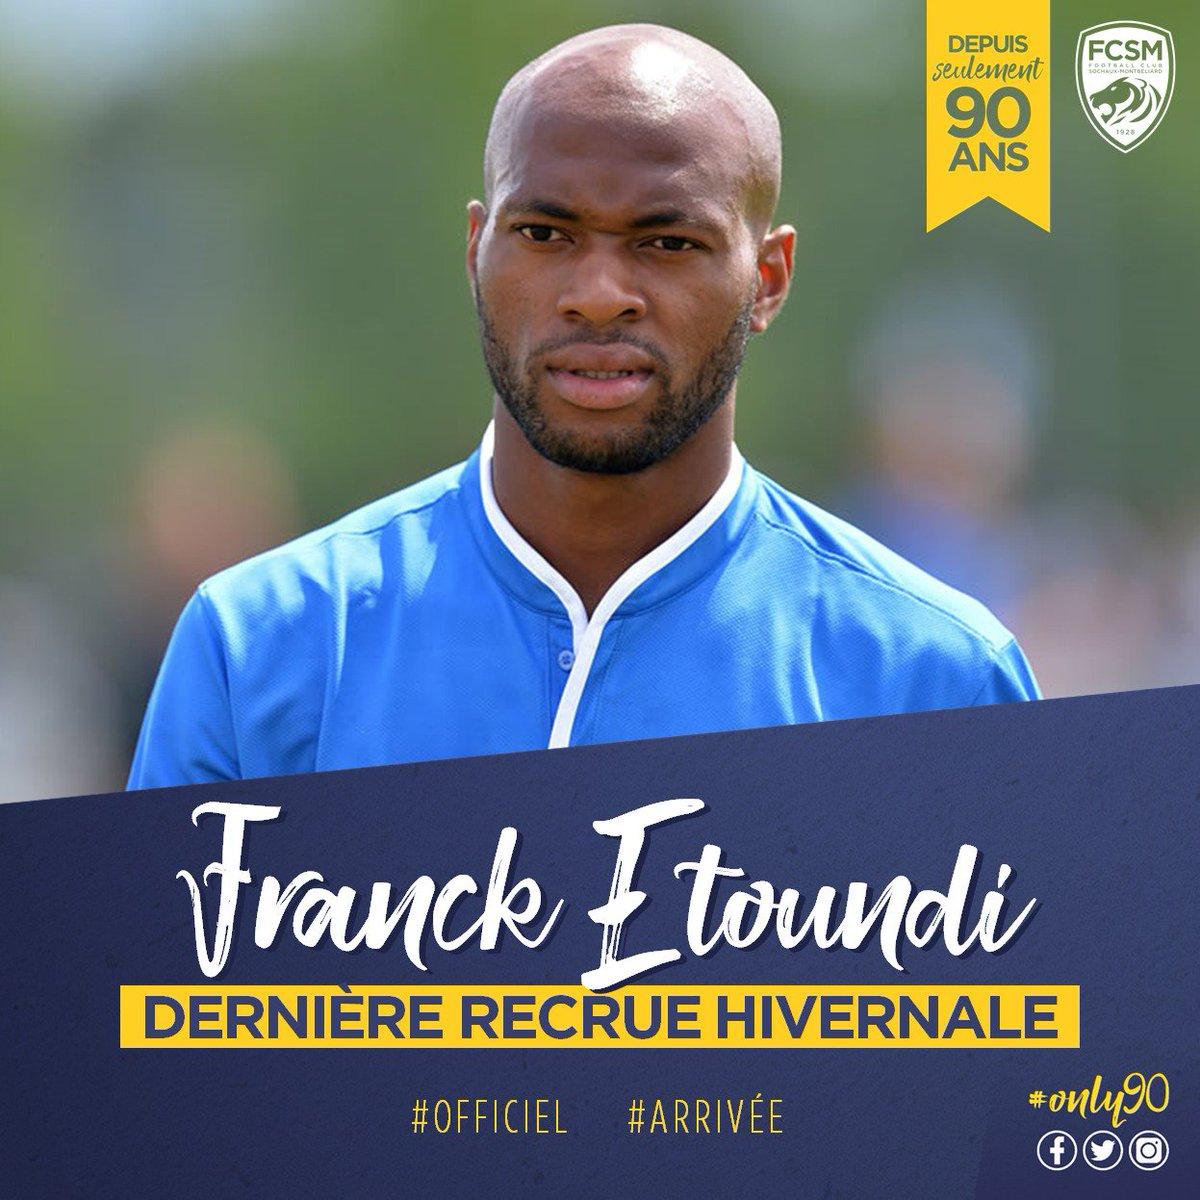 Franck Etoundi